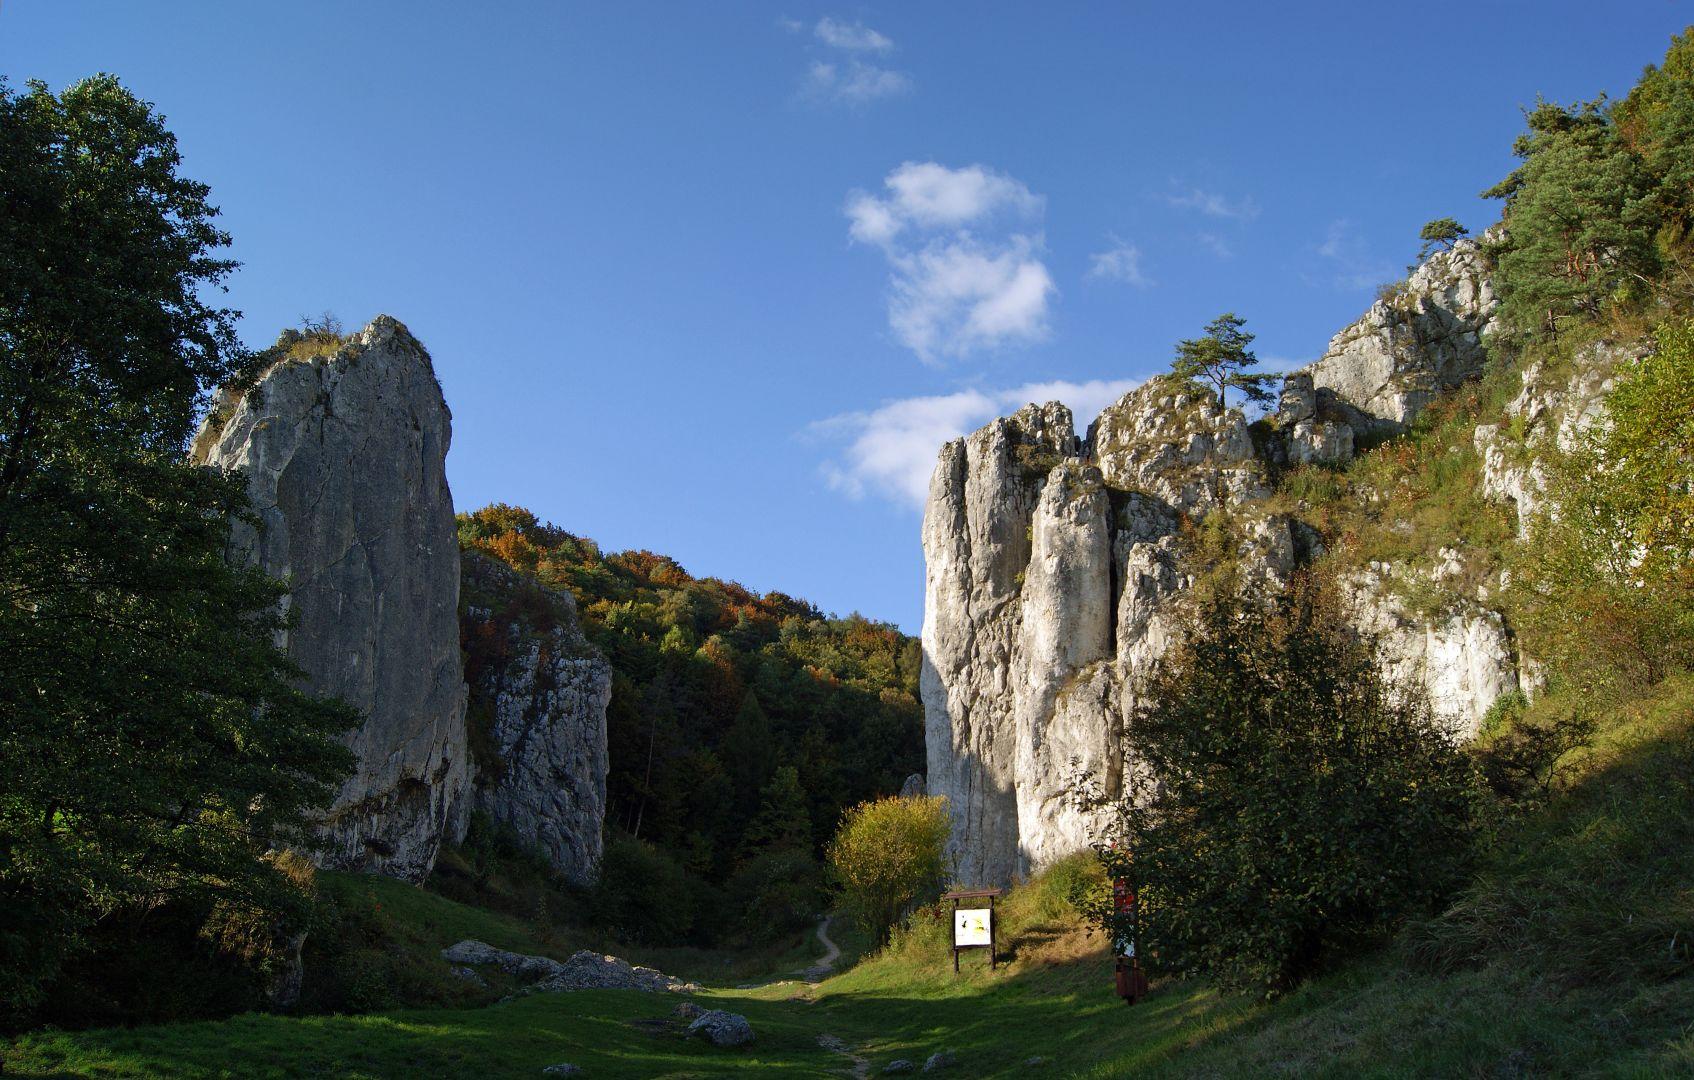 Brama od strony Bolechowic